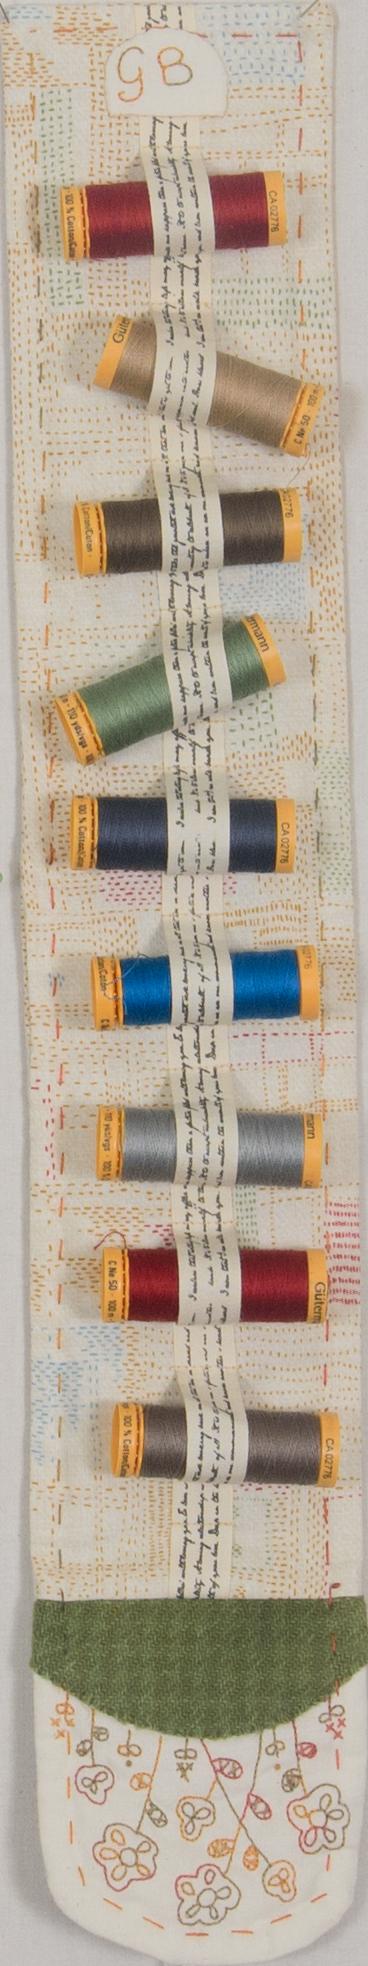 A Stitcher's Friend Thread Holder preview